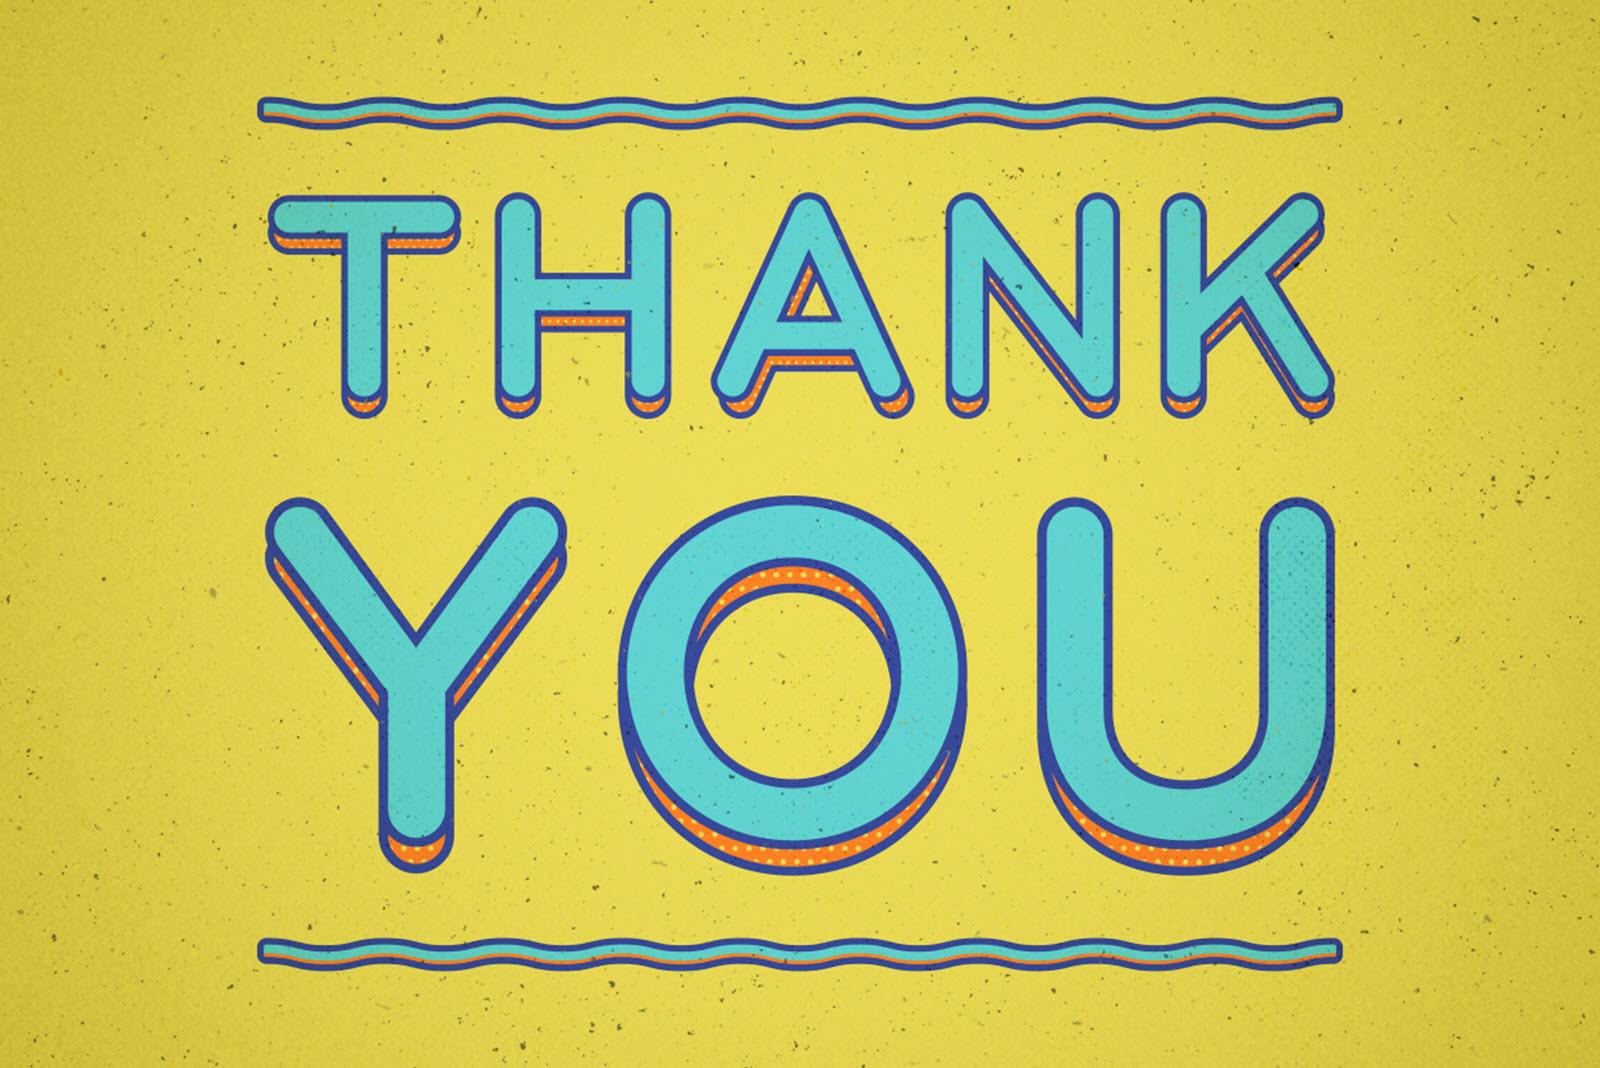 ThuThuatTinHoc - Slide cảm ơn đẹp (65)